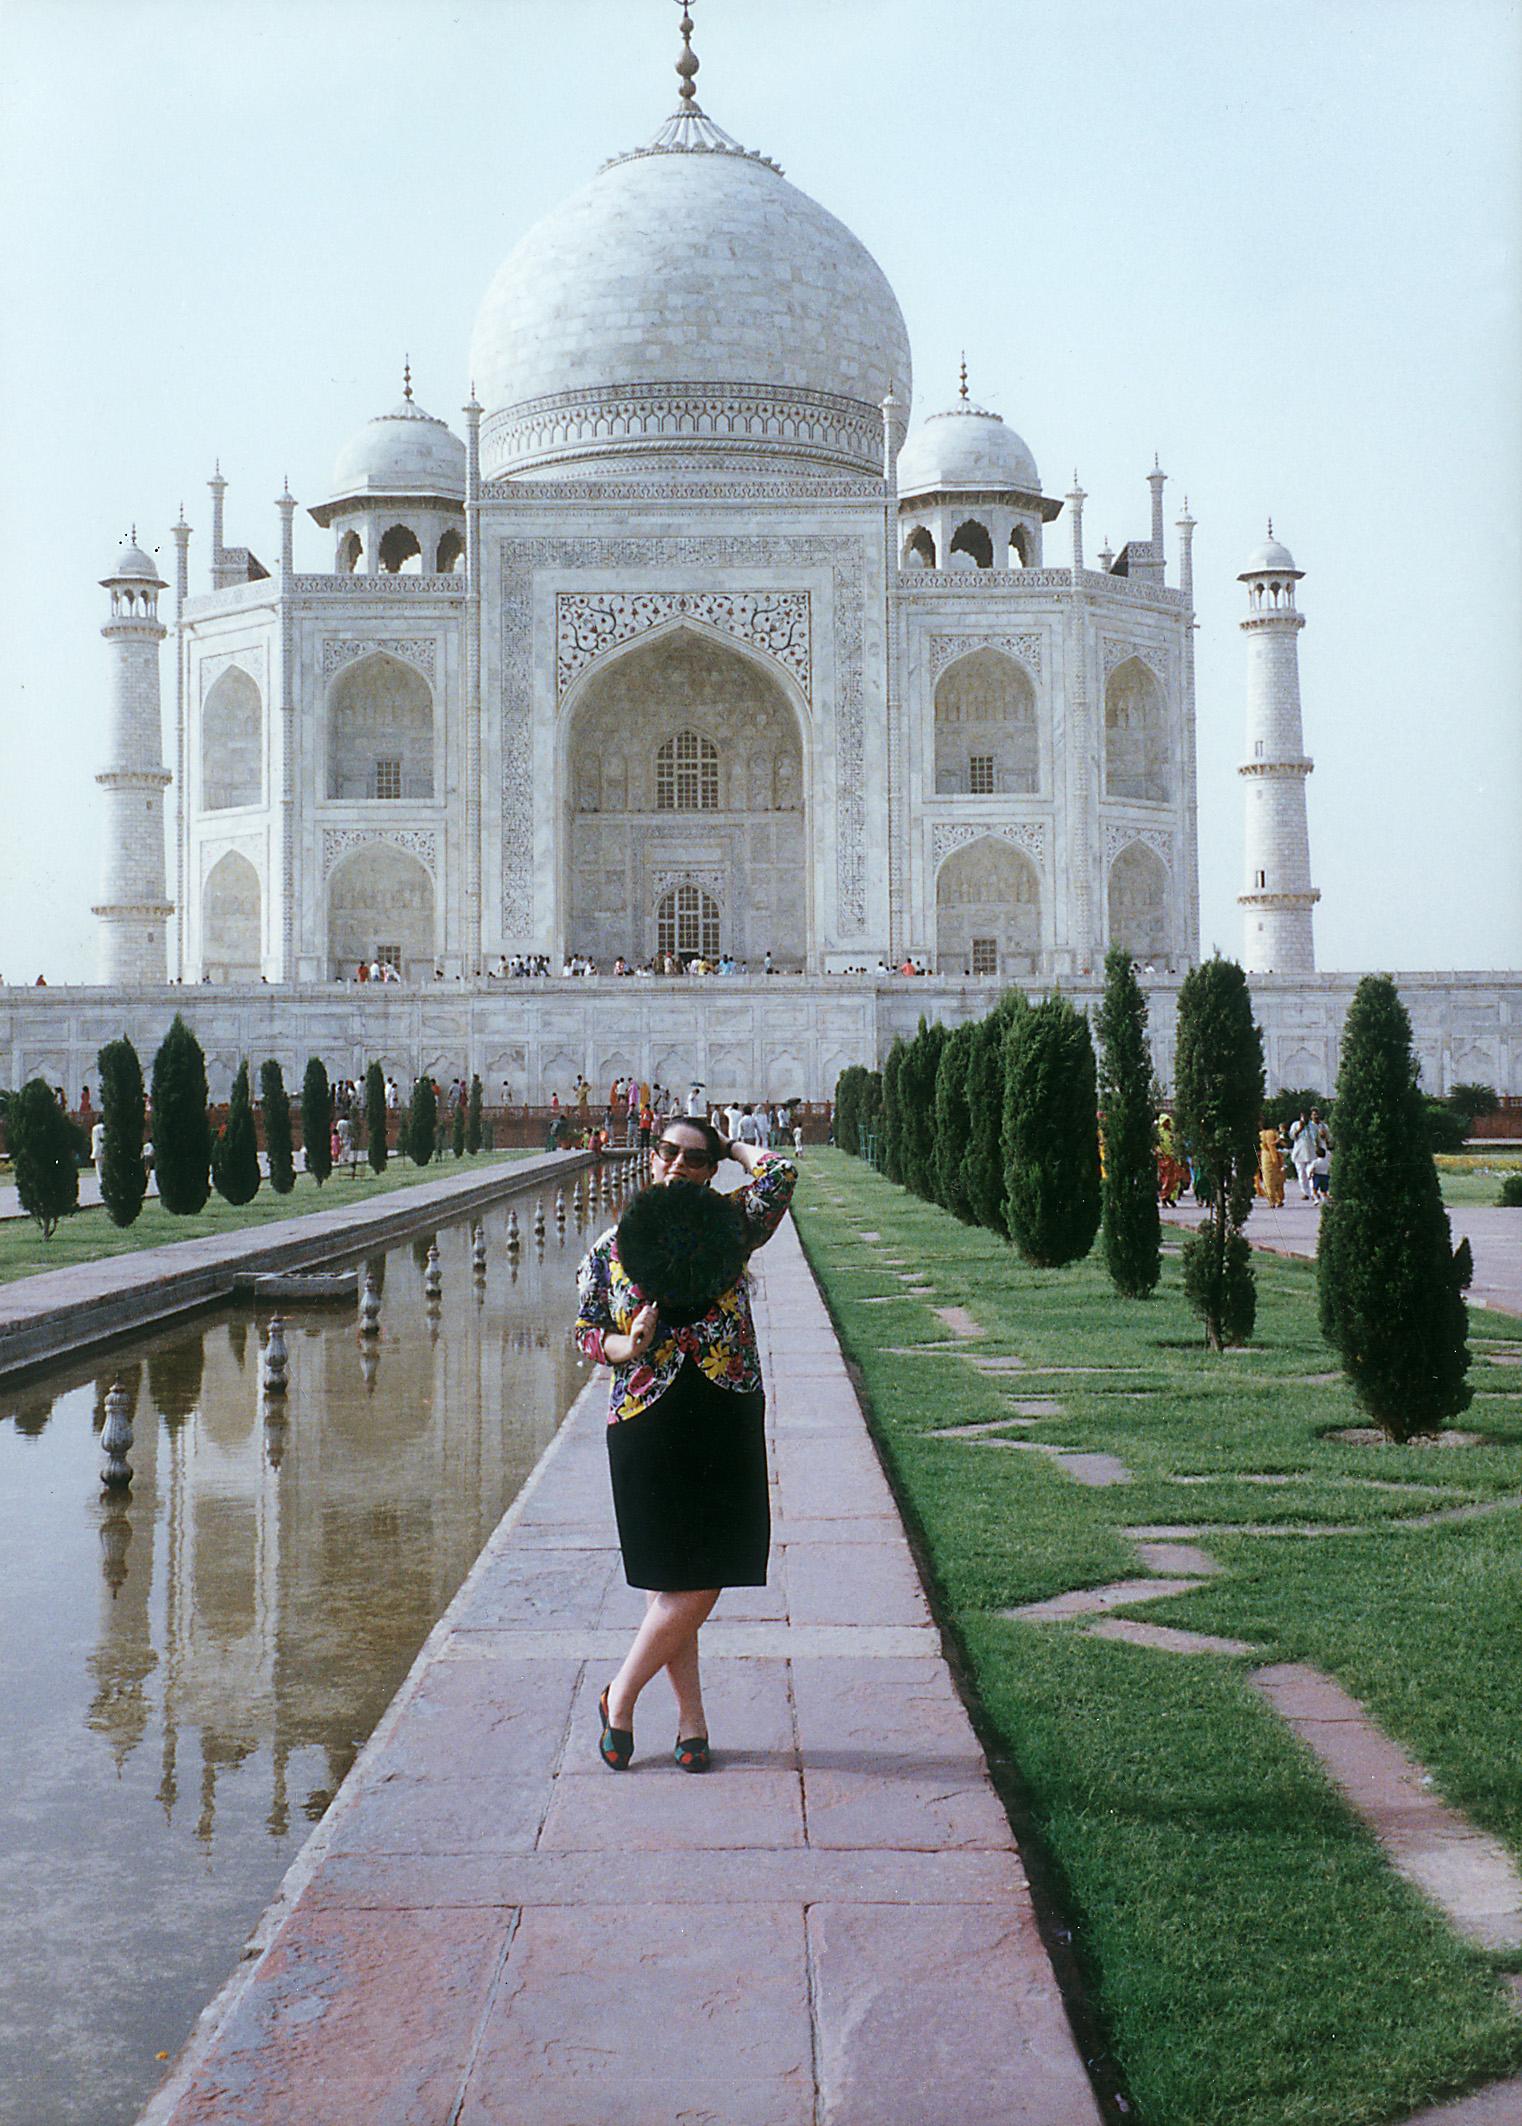 În faţa sublimului Taj Mahal